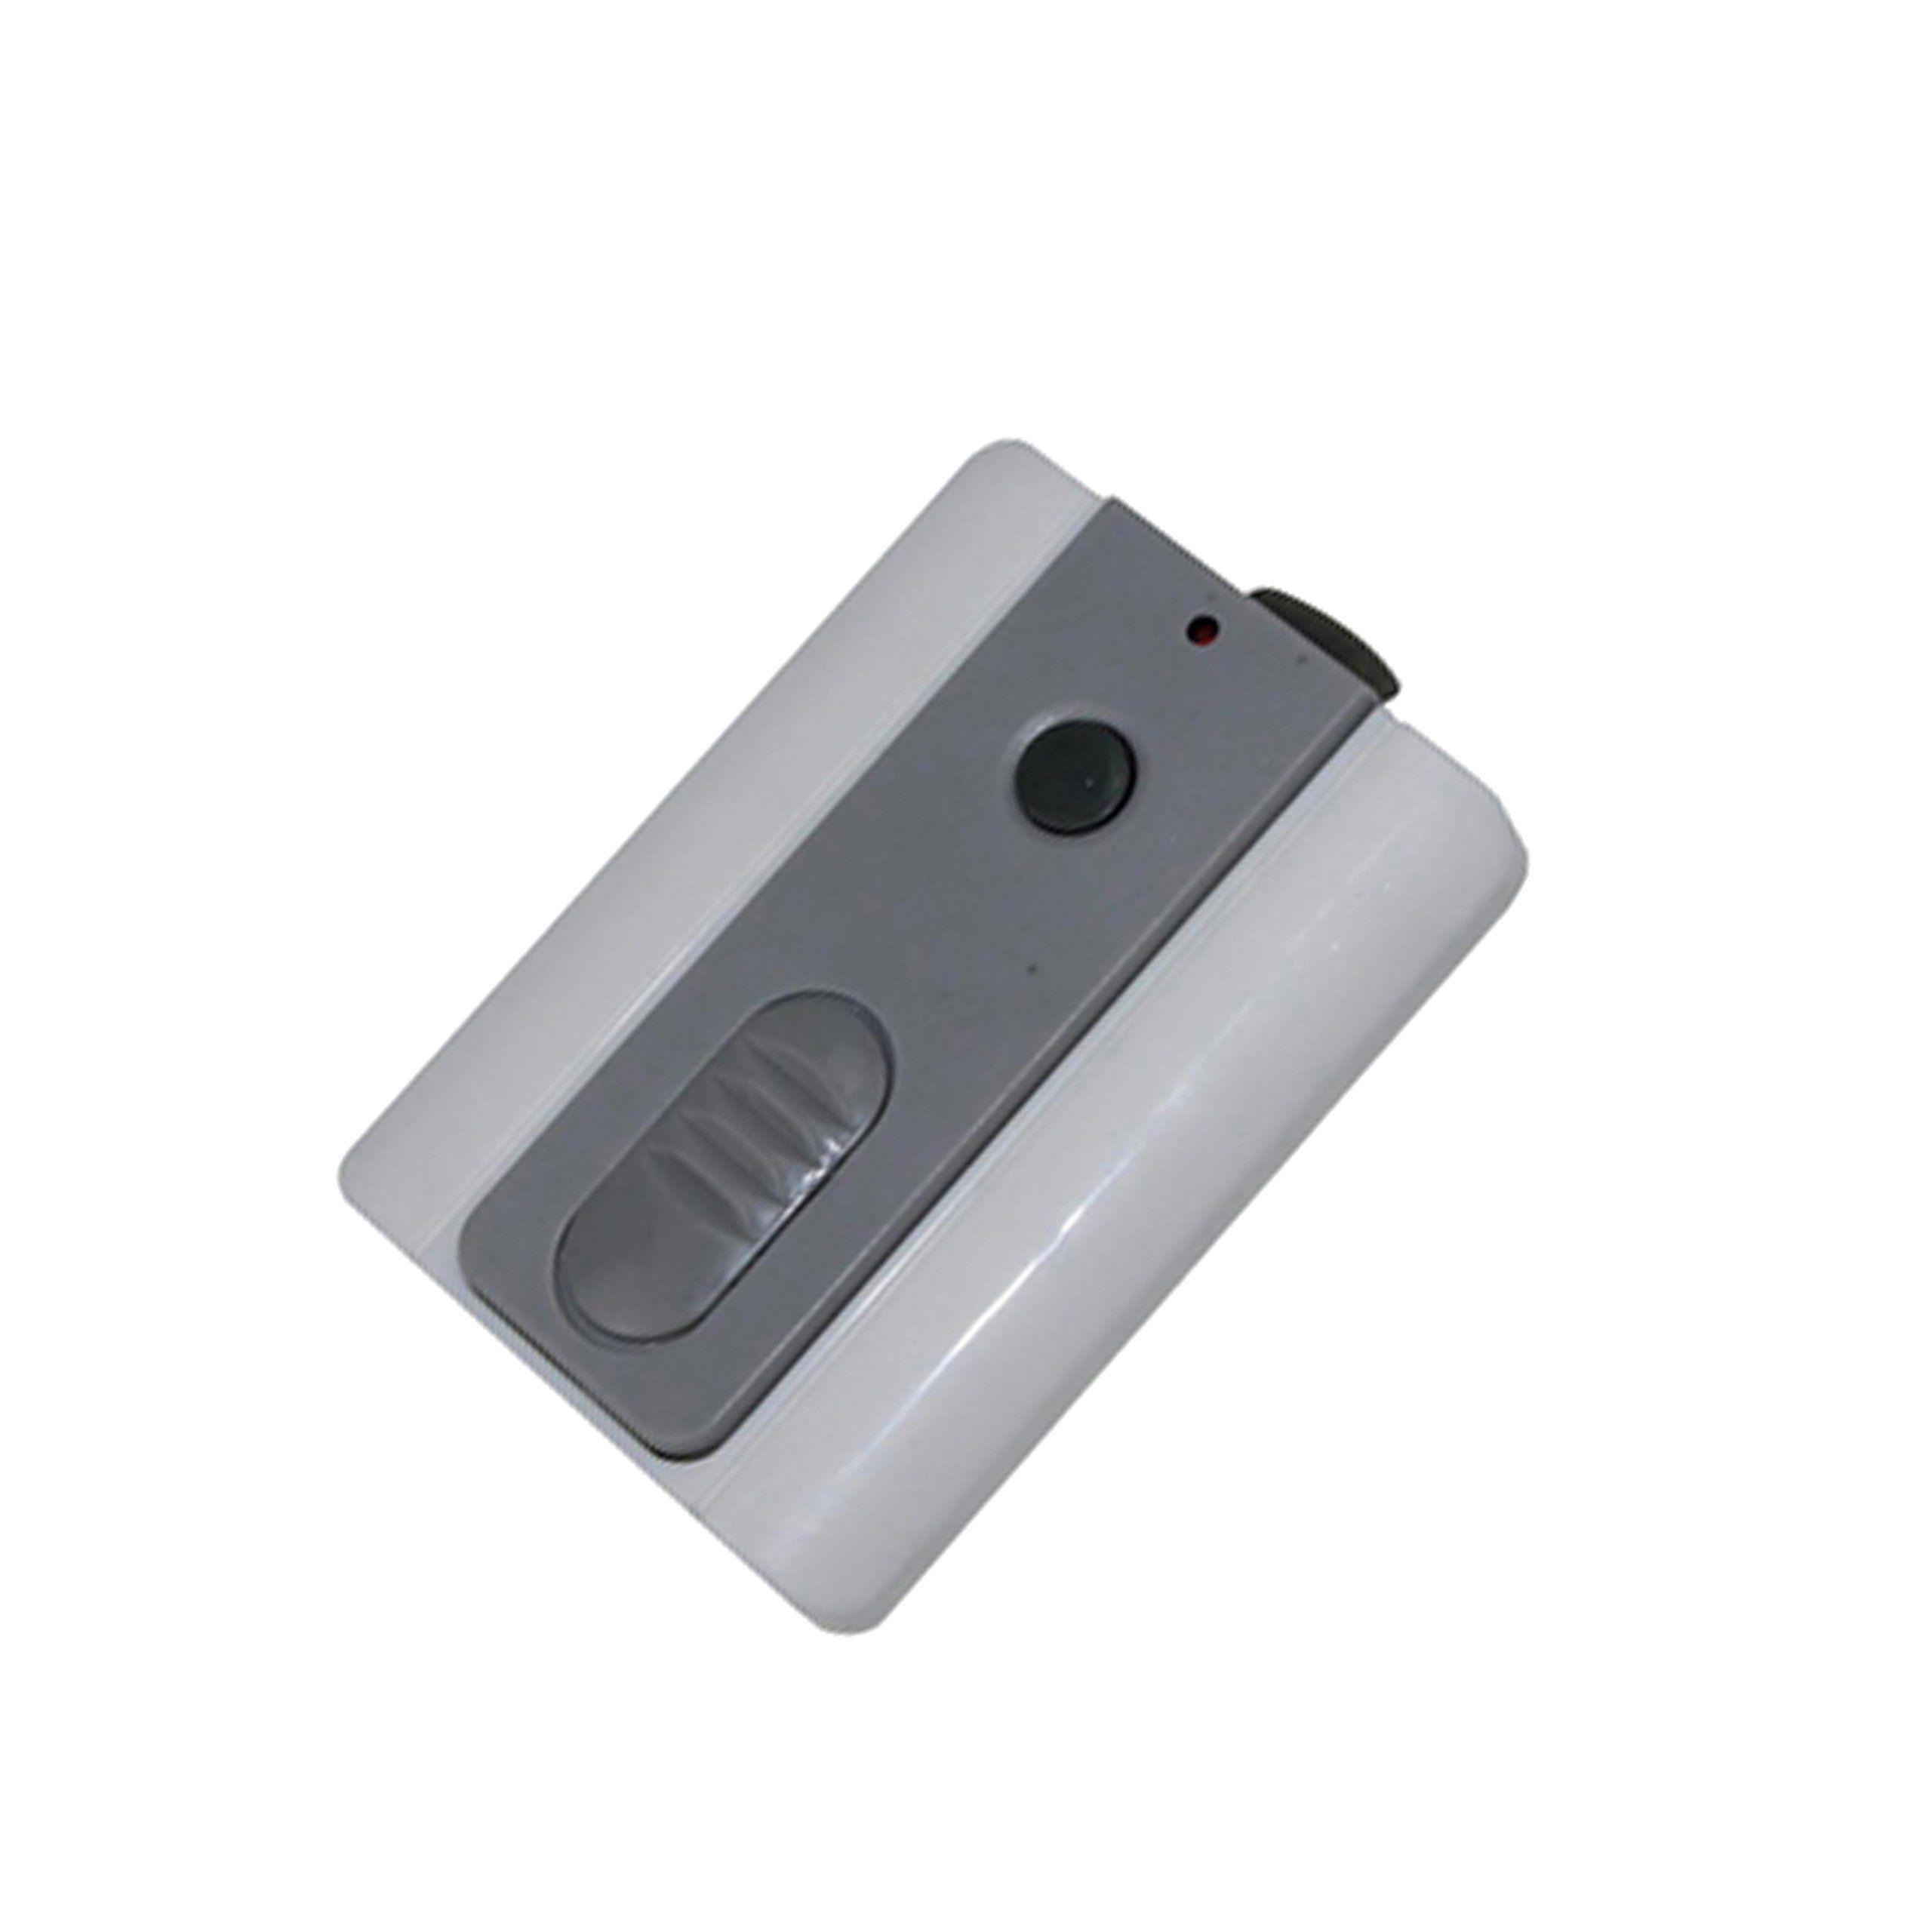 ALEKO LM173 Wireless Push Button Remote Control